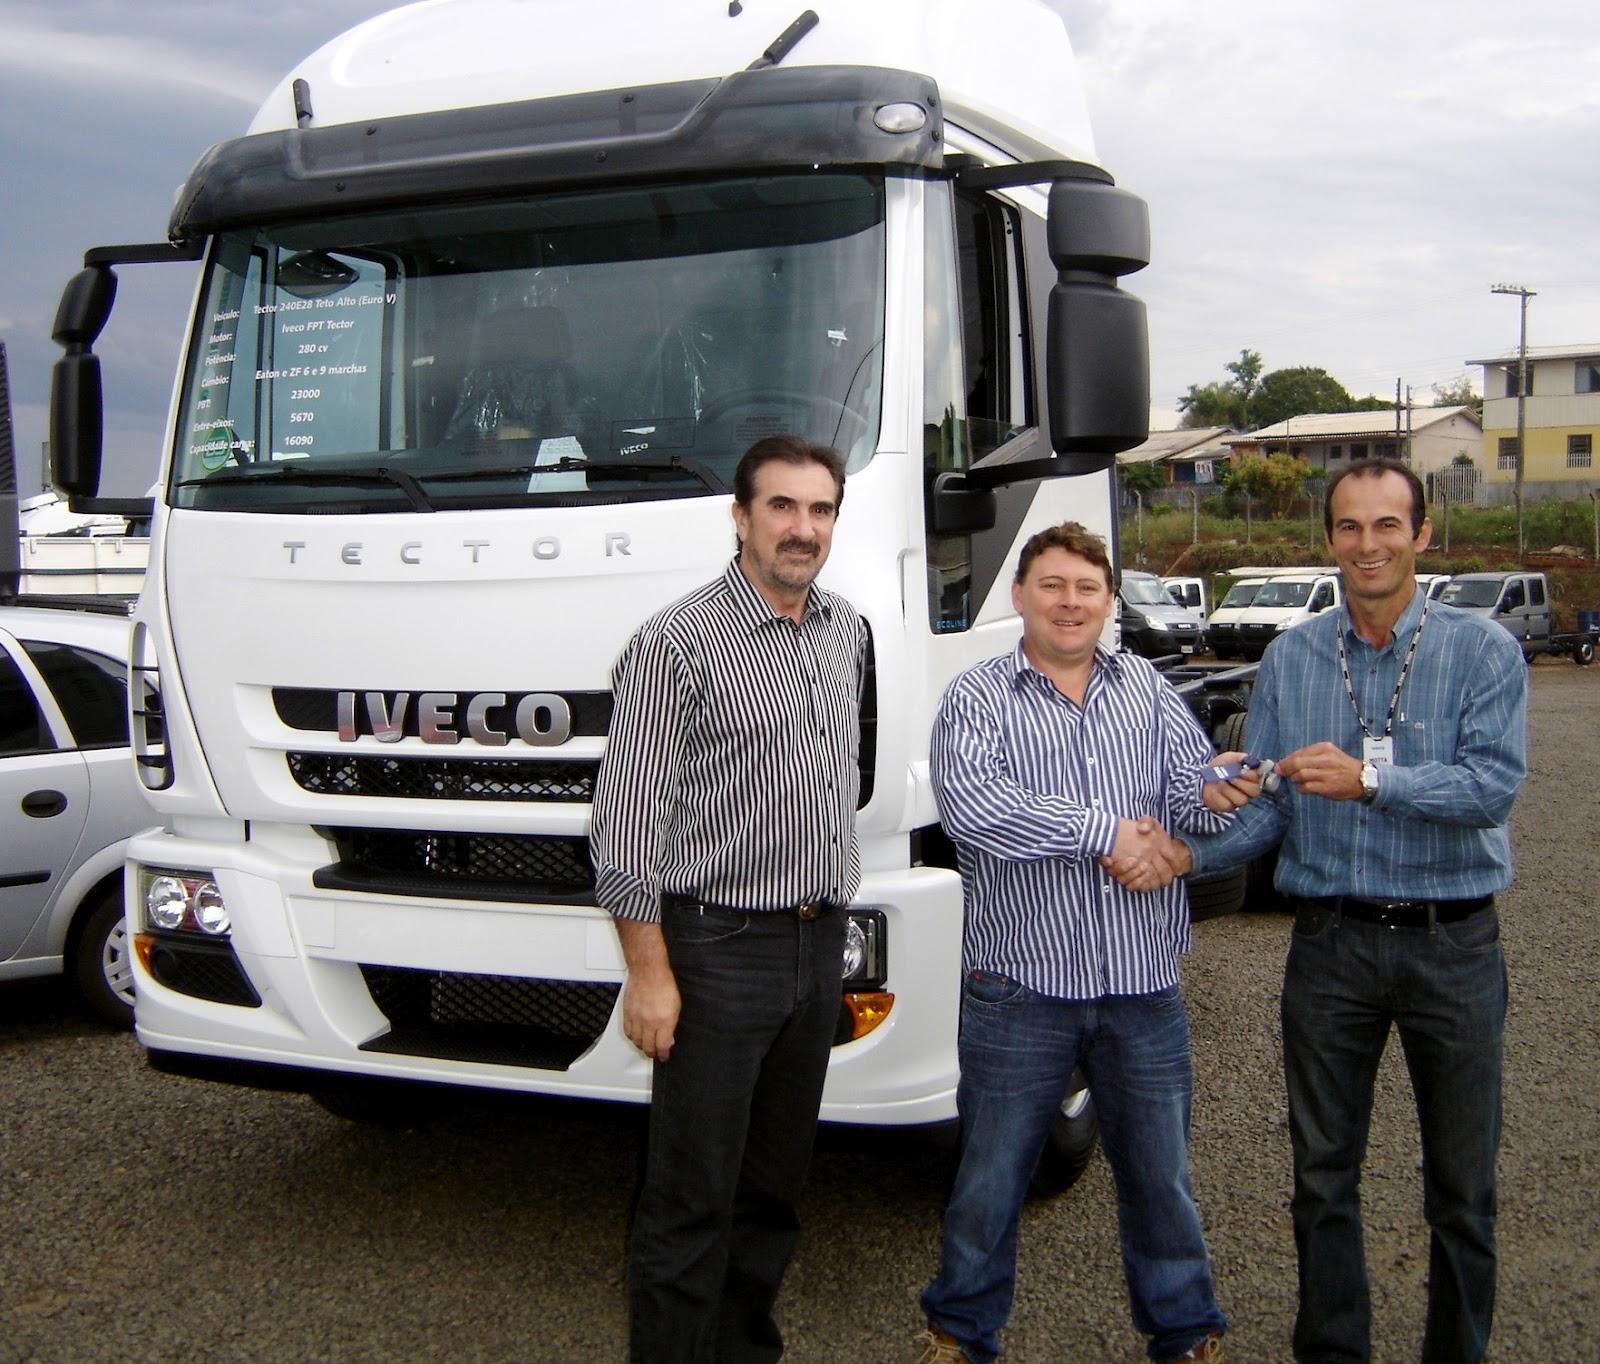 Transportadora de madeira compra mais um Iveco Tector zero km ENTREGA%2520TECCTOR%2520ZANIN%252001 10 2012%2520002